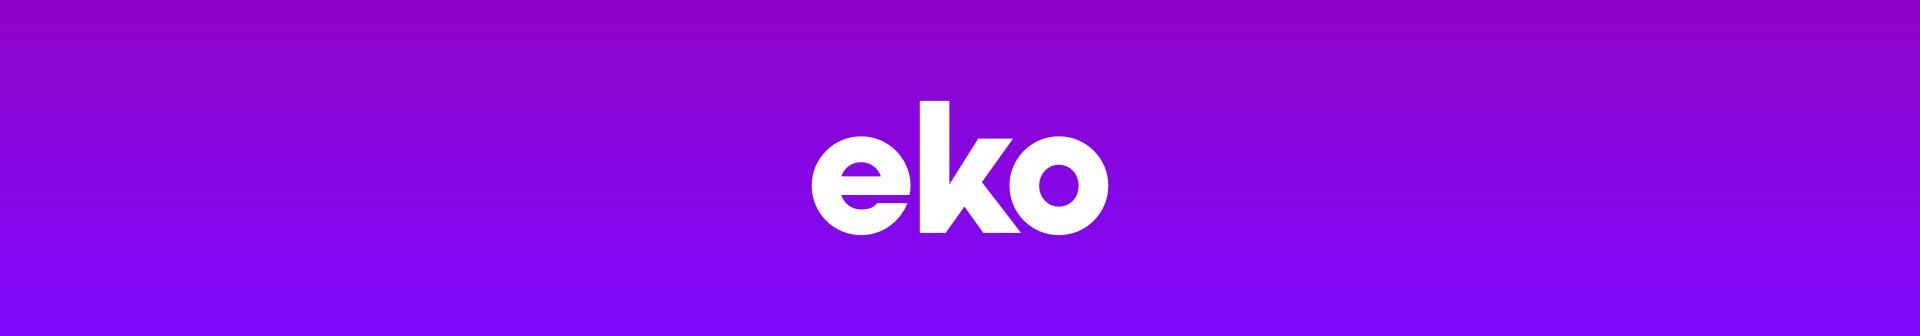 Eko cover